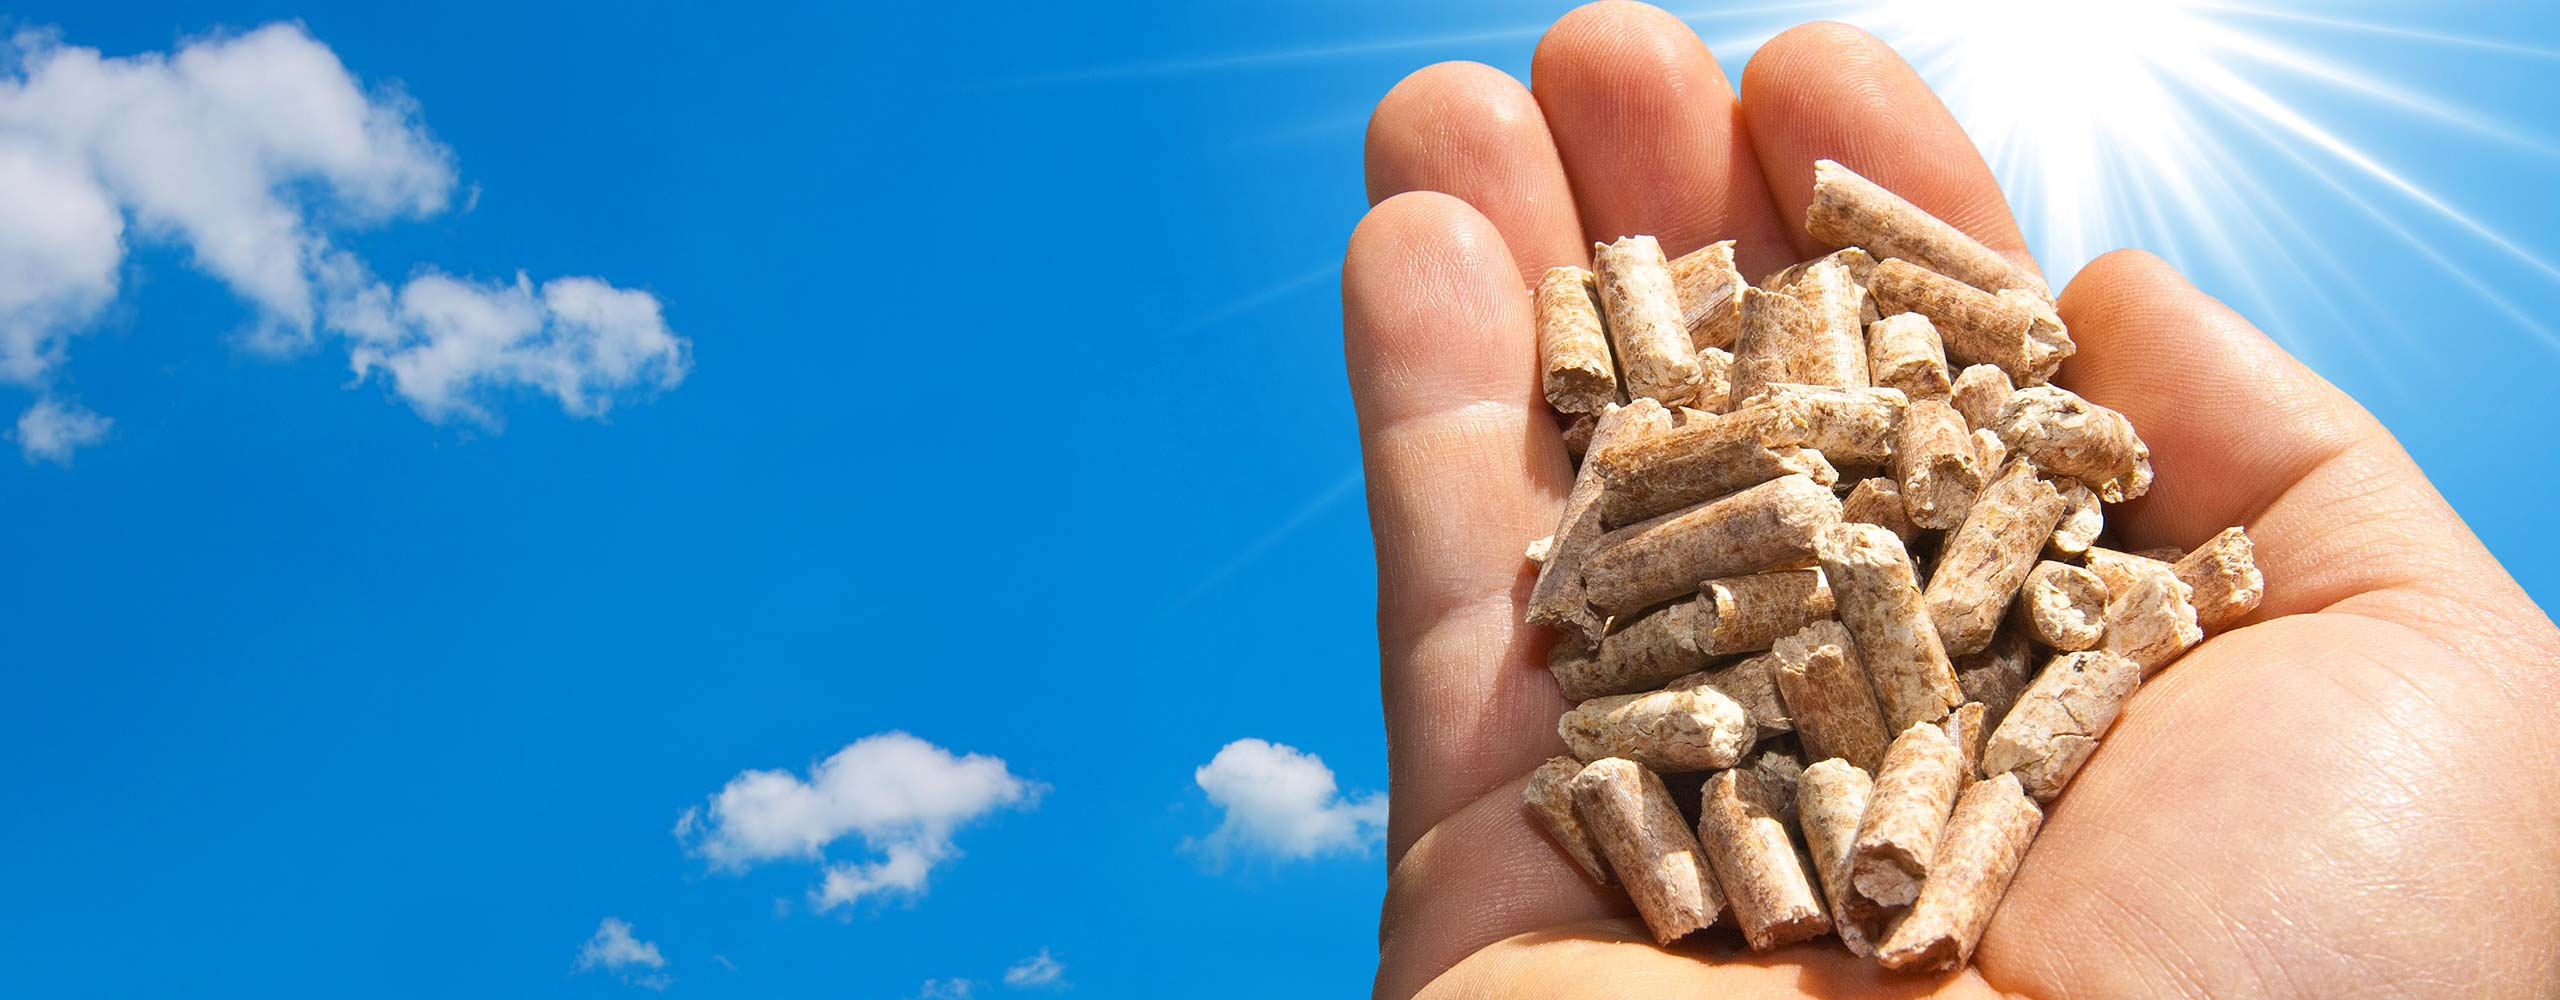 Wood Pellet Delivery | BSL Wood Pellets